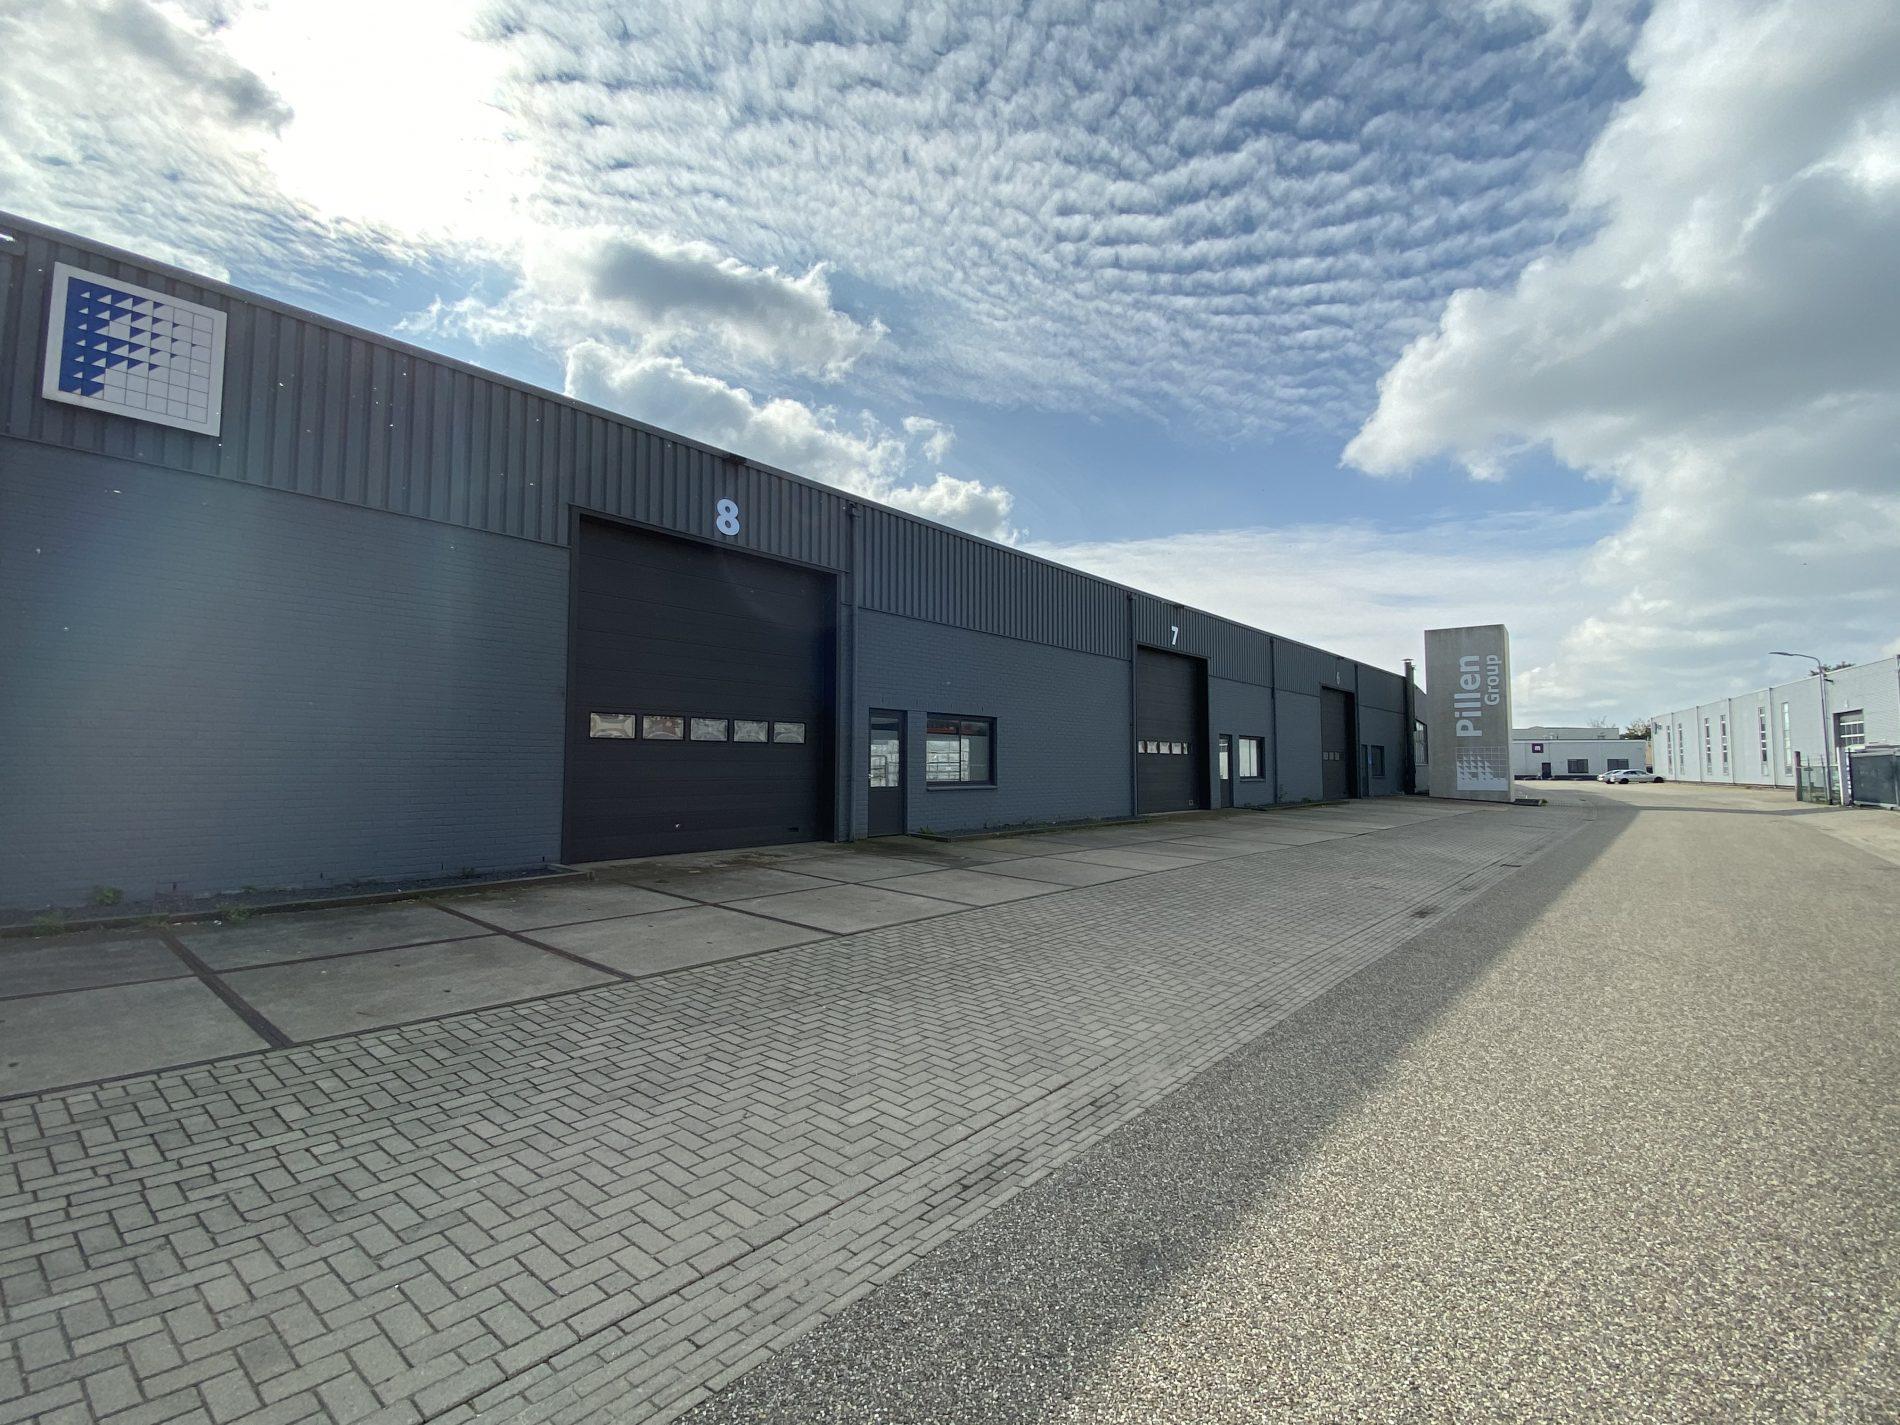 Pillen Group Maakindustrie in Nederland